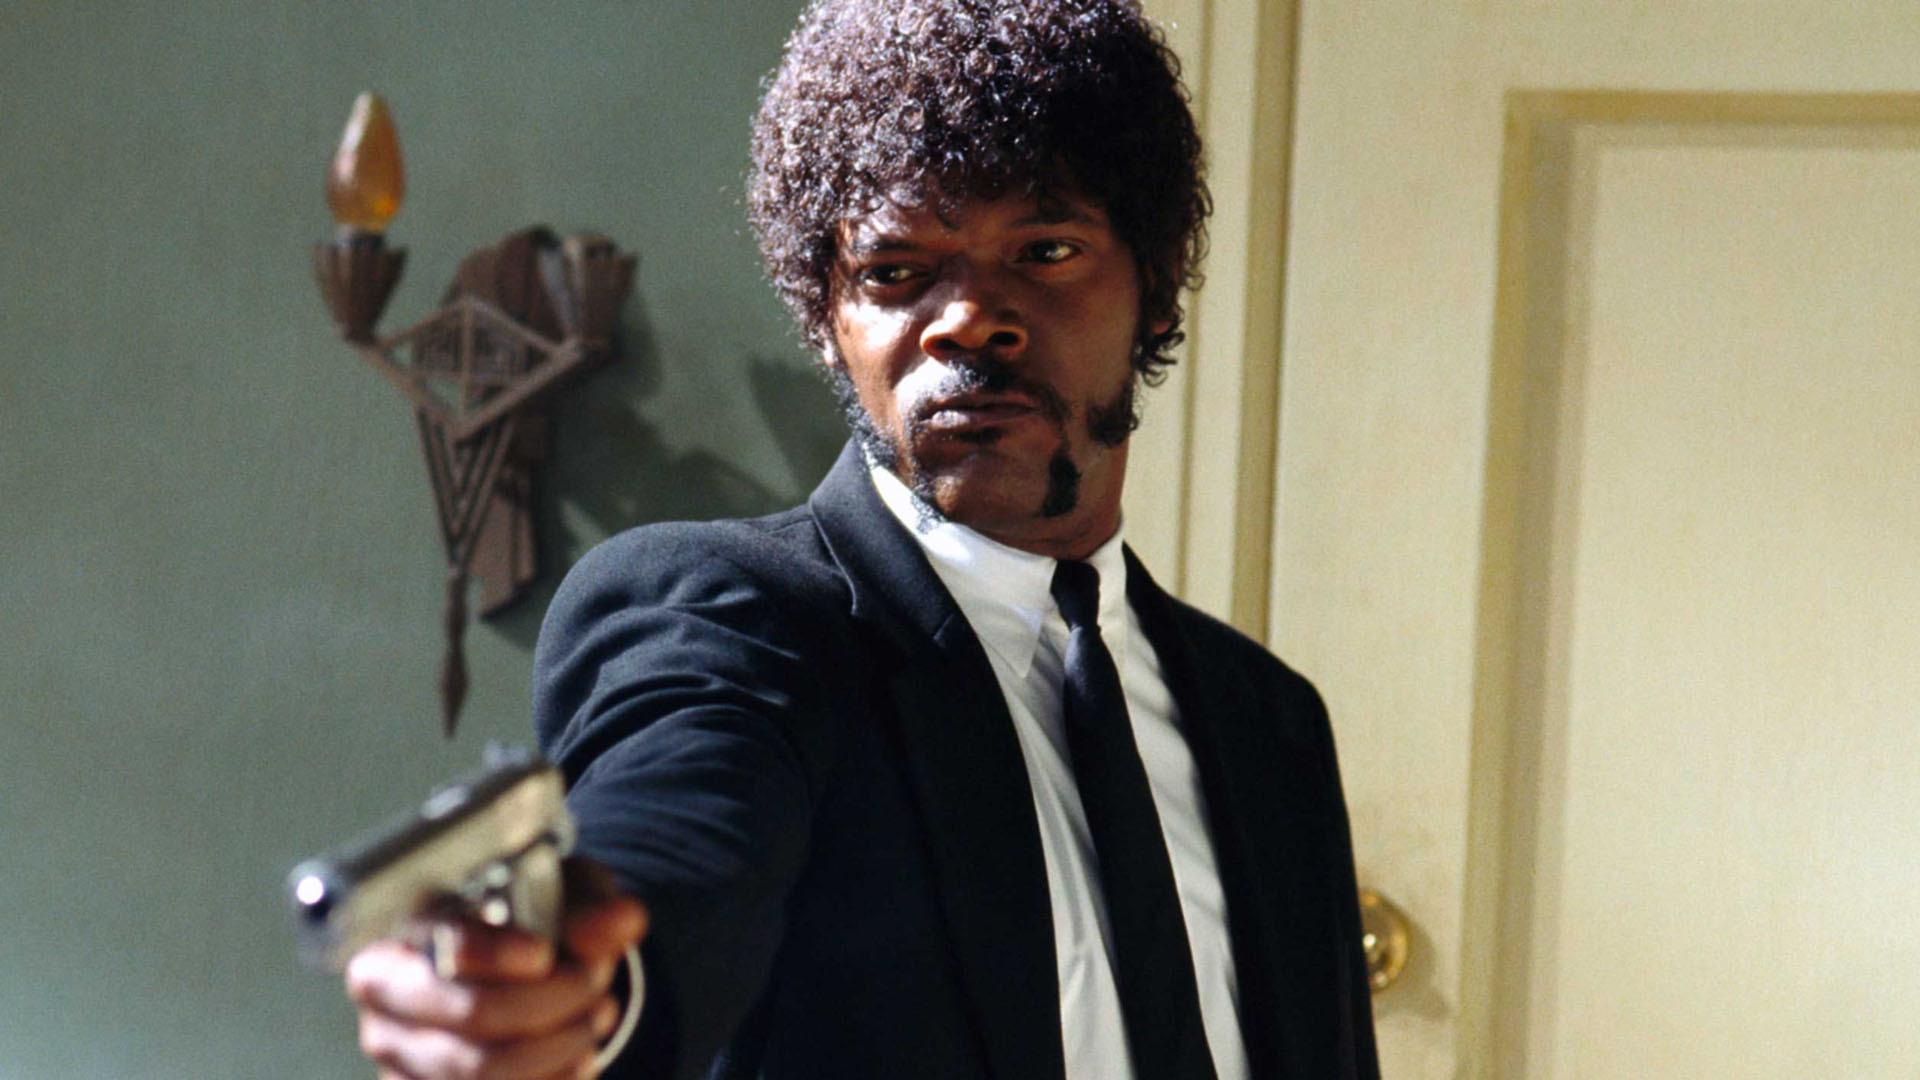 Laurence Fishburne prozradil, proč odmítl Jacksonovu roli v Pulp Fiction